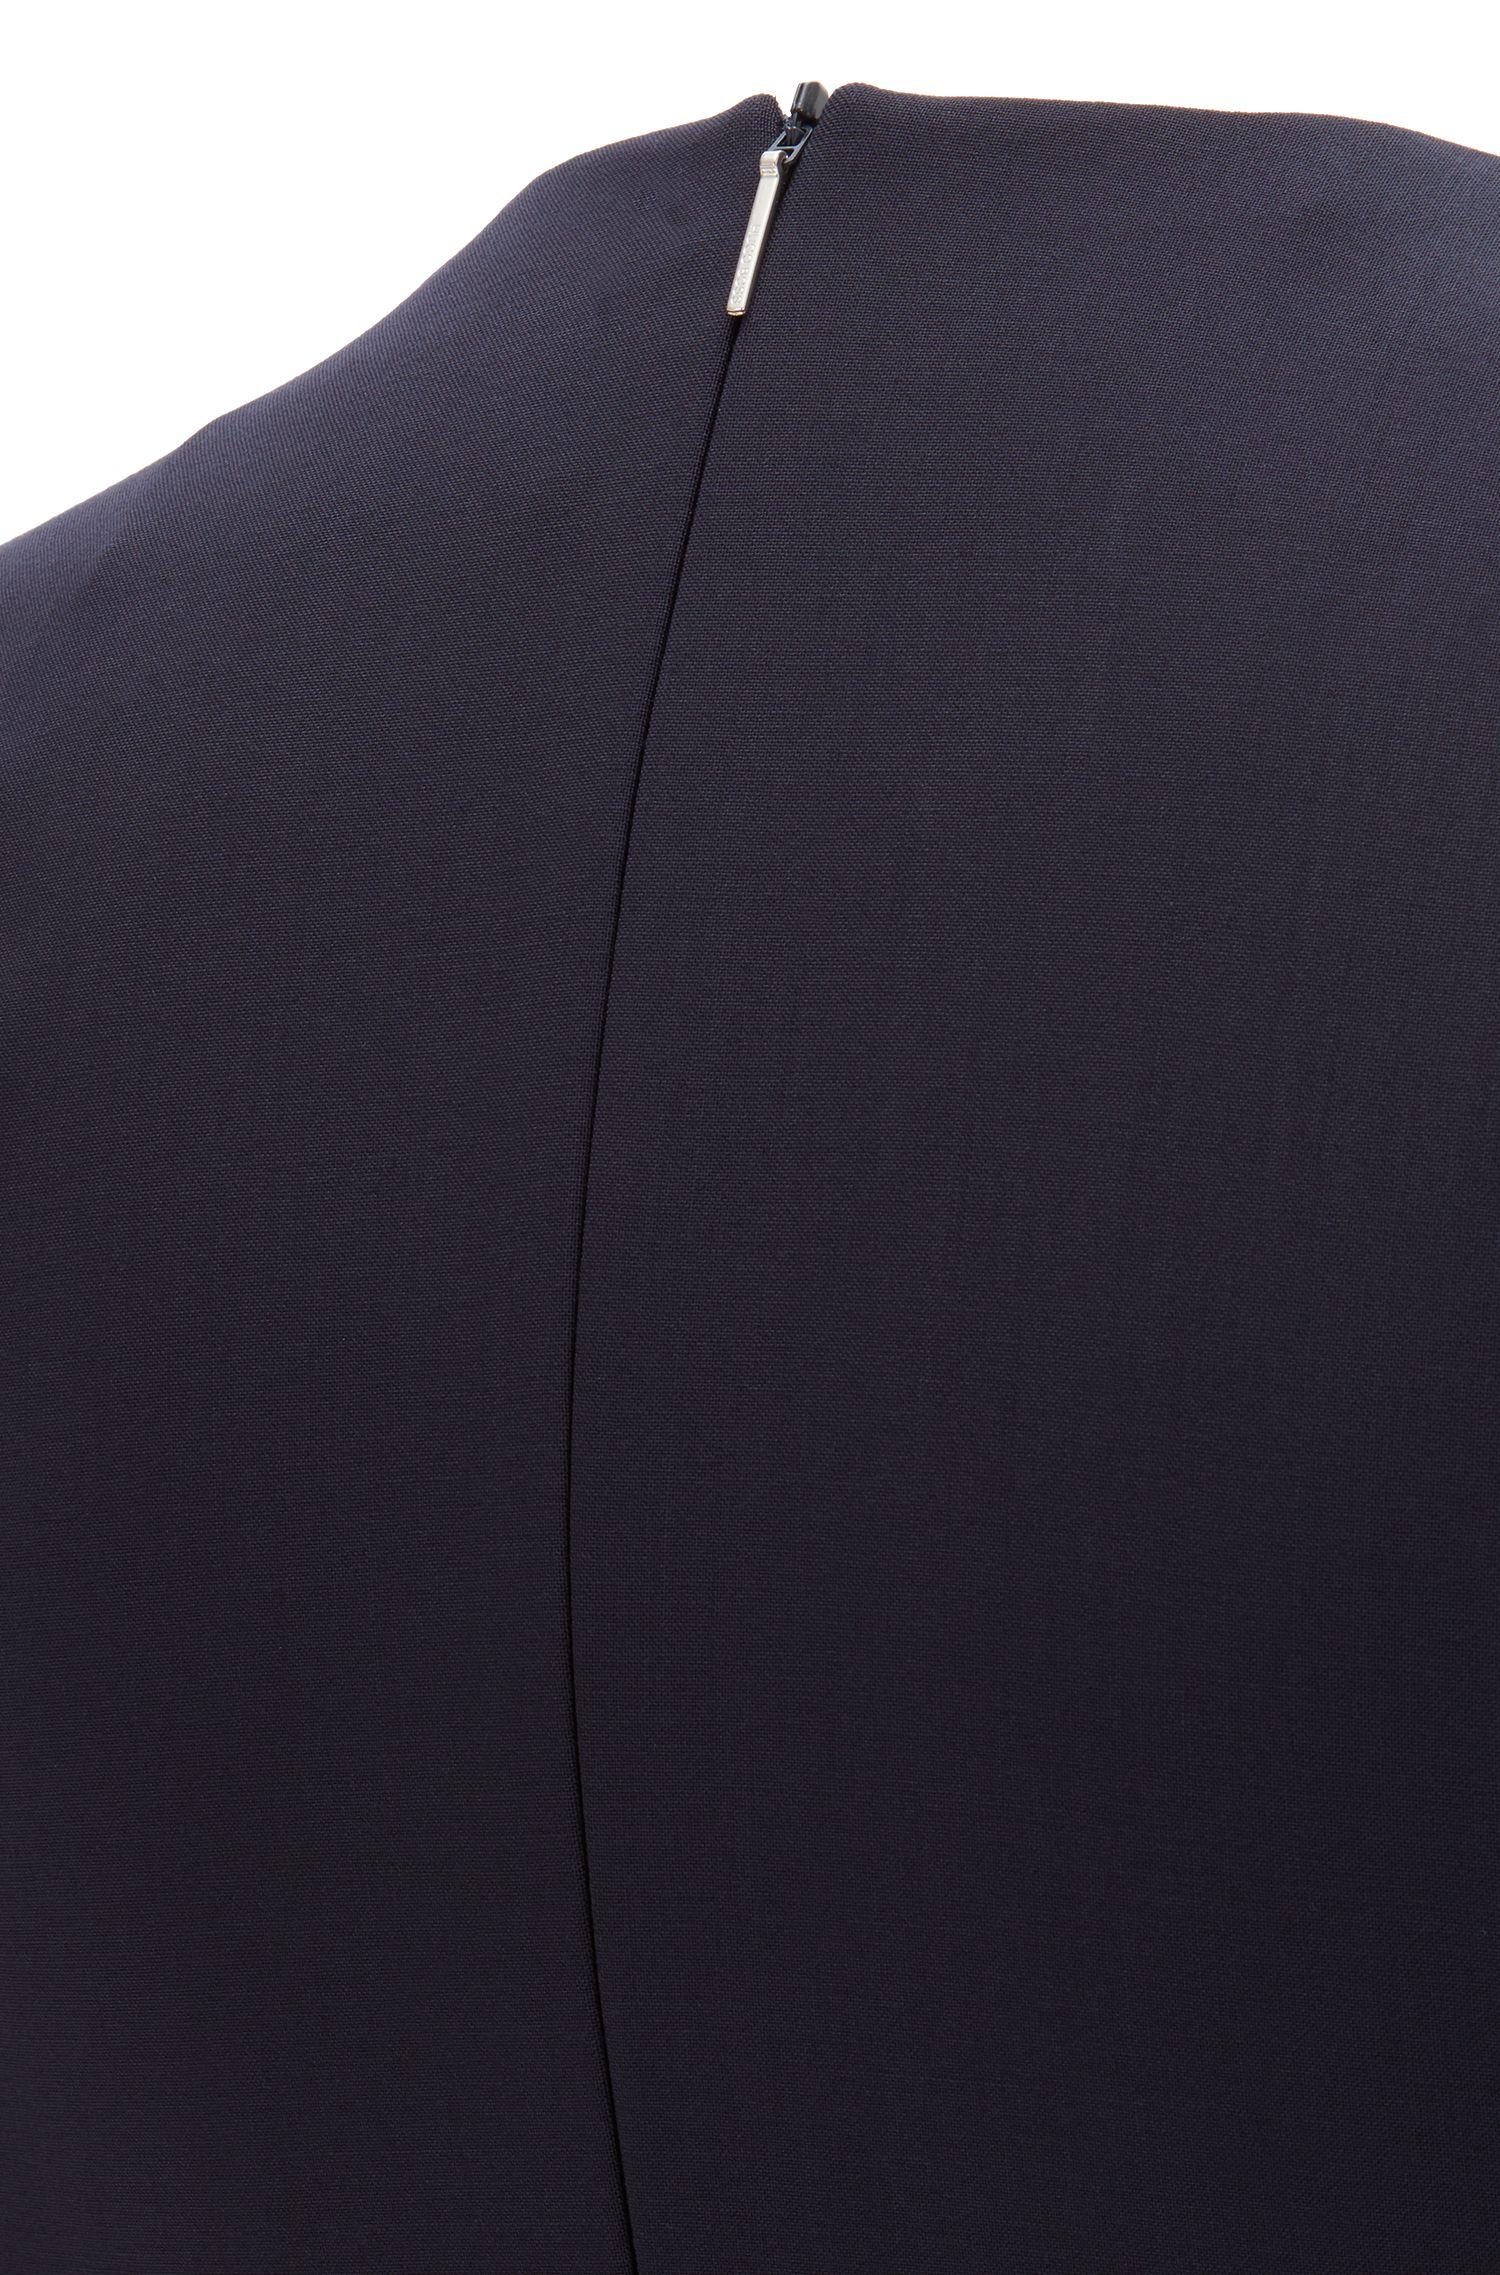 Shiftdress met diepe V-hals van scheerwol met stretch, Donkerblauw